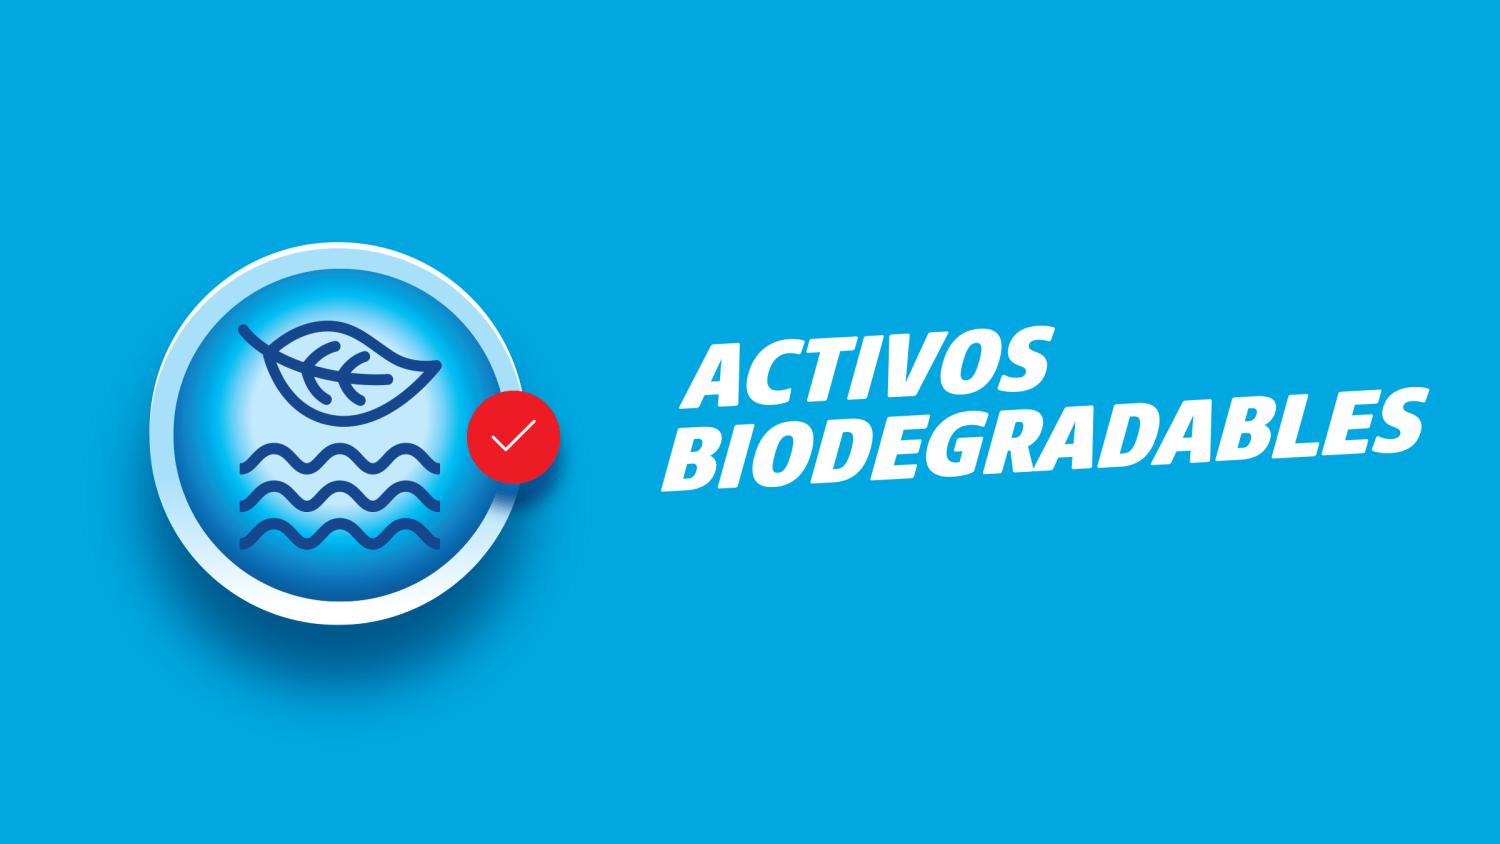 activos biodegradables, deja, ayuda al medio ambiente, formula libre de fosfatos, cuida tu ropa, protege el planeta